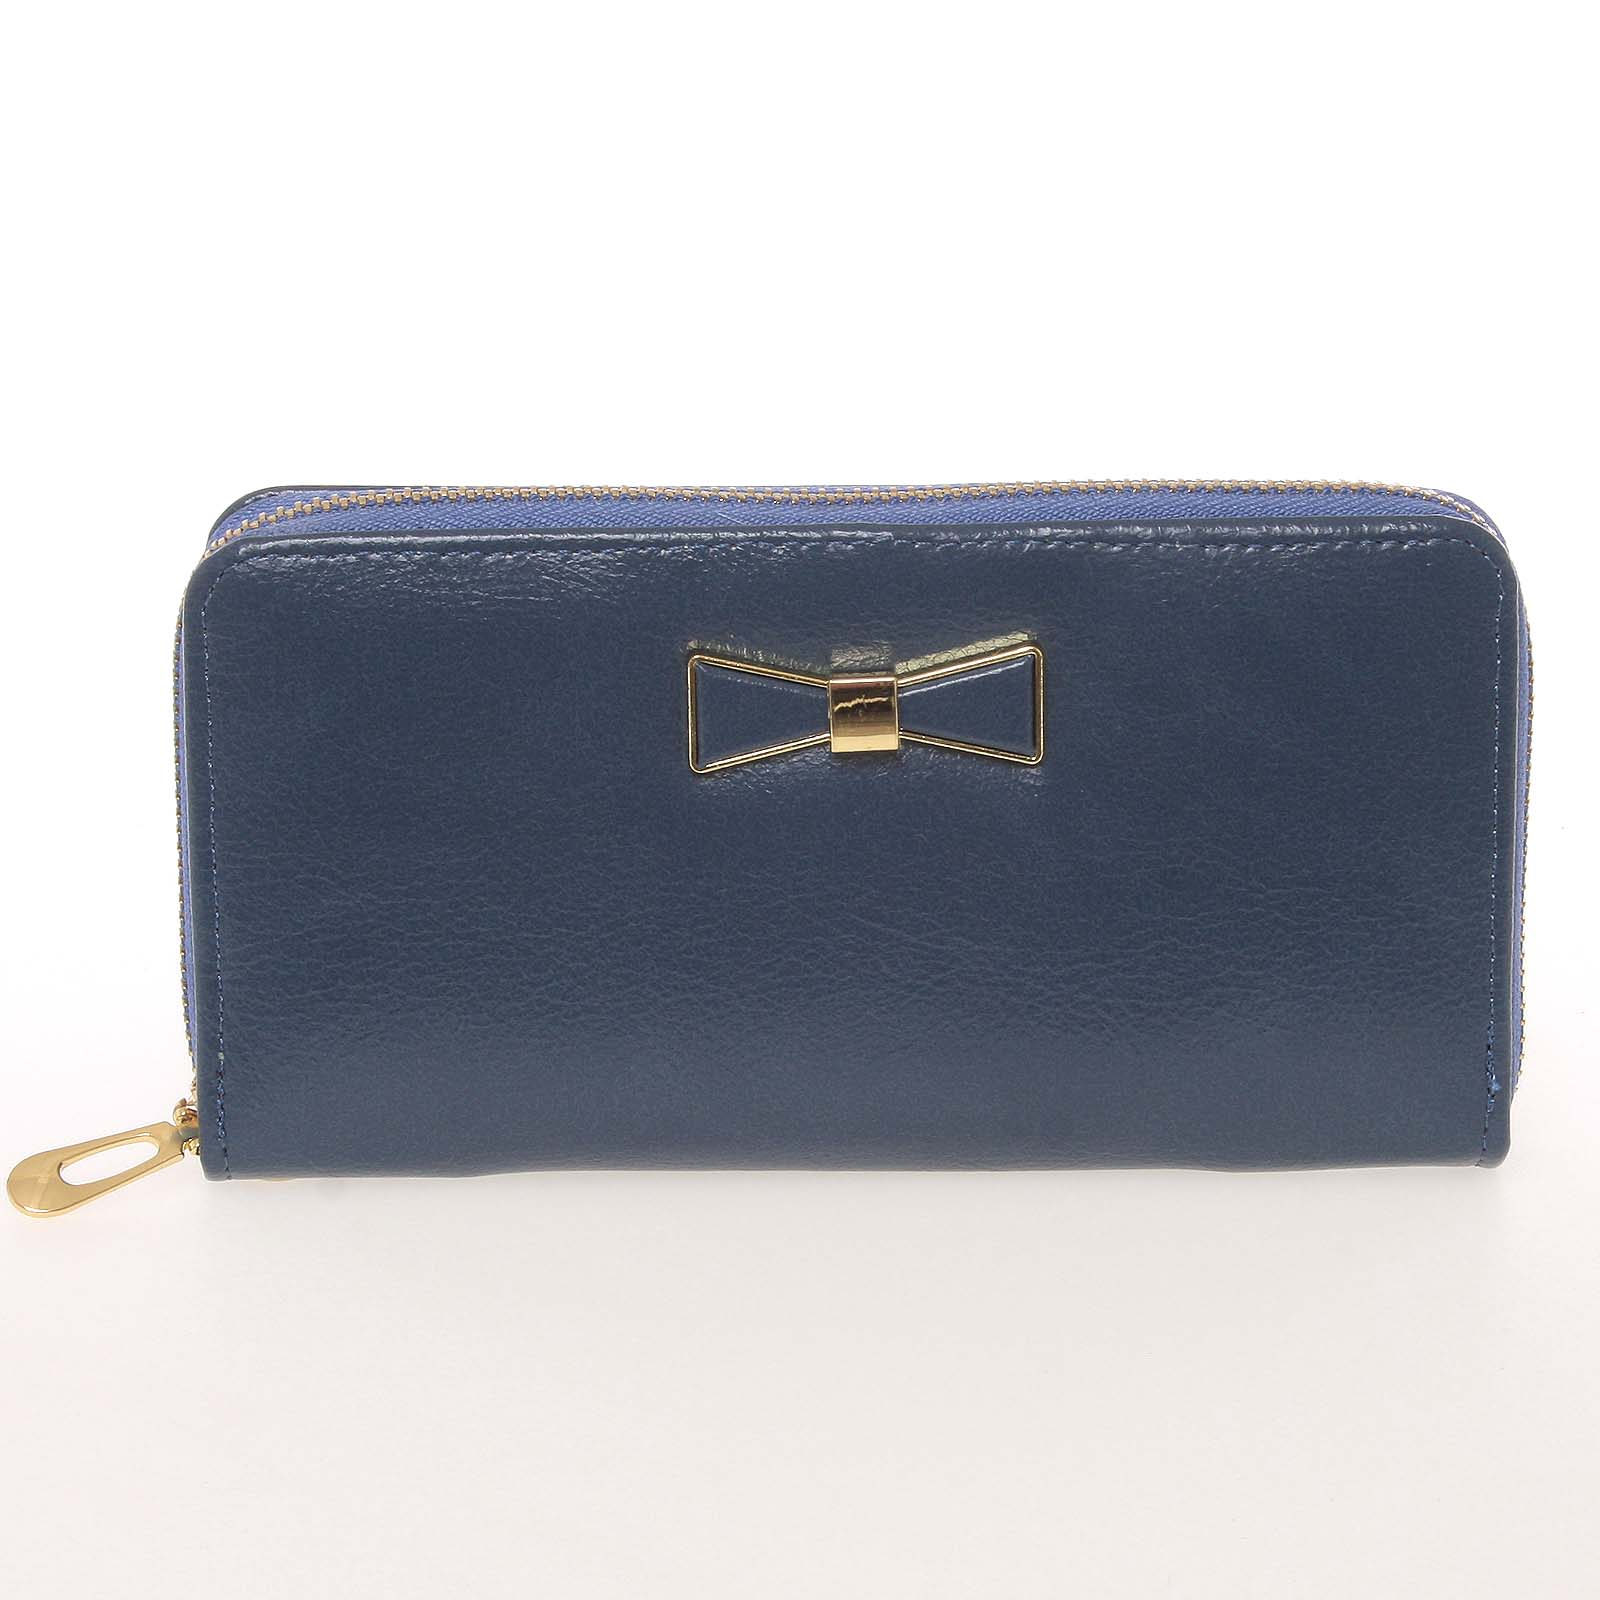 Moderná dámska peňaženka s pútkom modrá - Milano Design SF1821 modrá